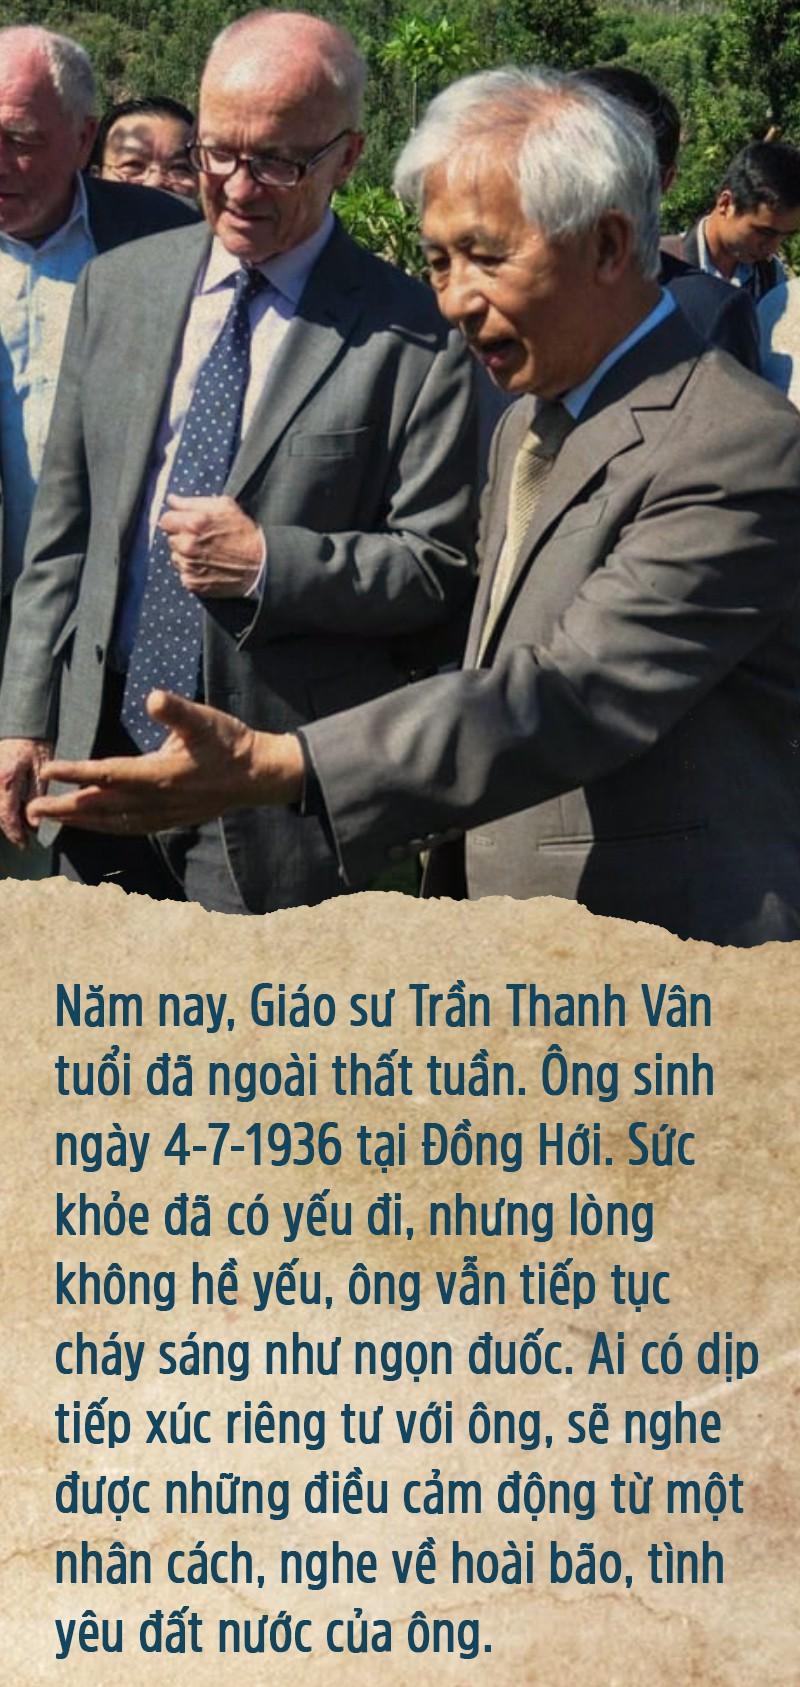 Giáo sư Trần Thanh Vân - Người gieo mầm bền bỉ - Ảnh 6.